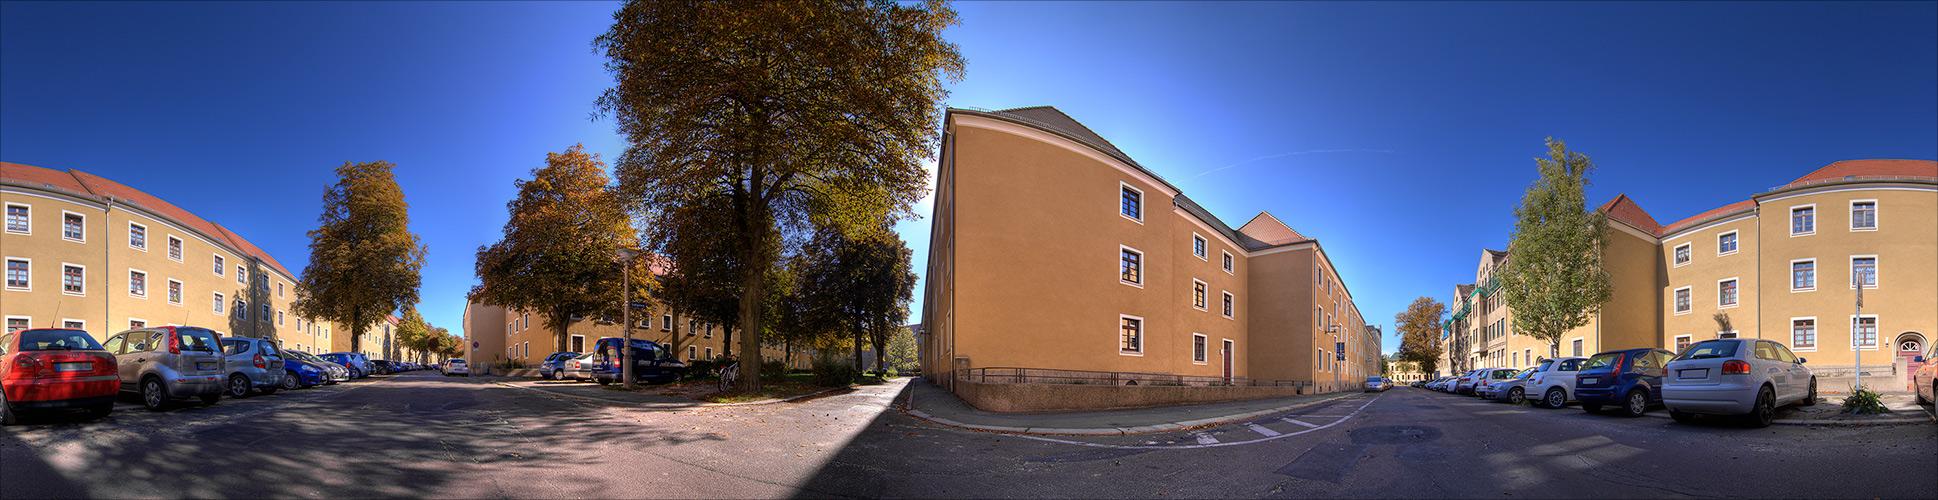 Gesundbrunnenviertel